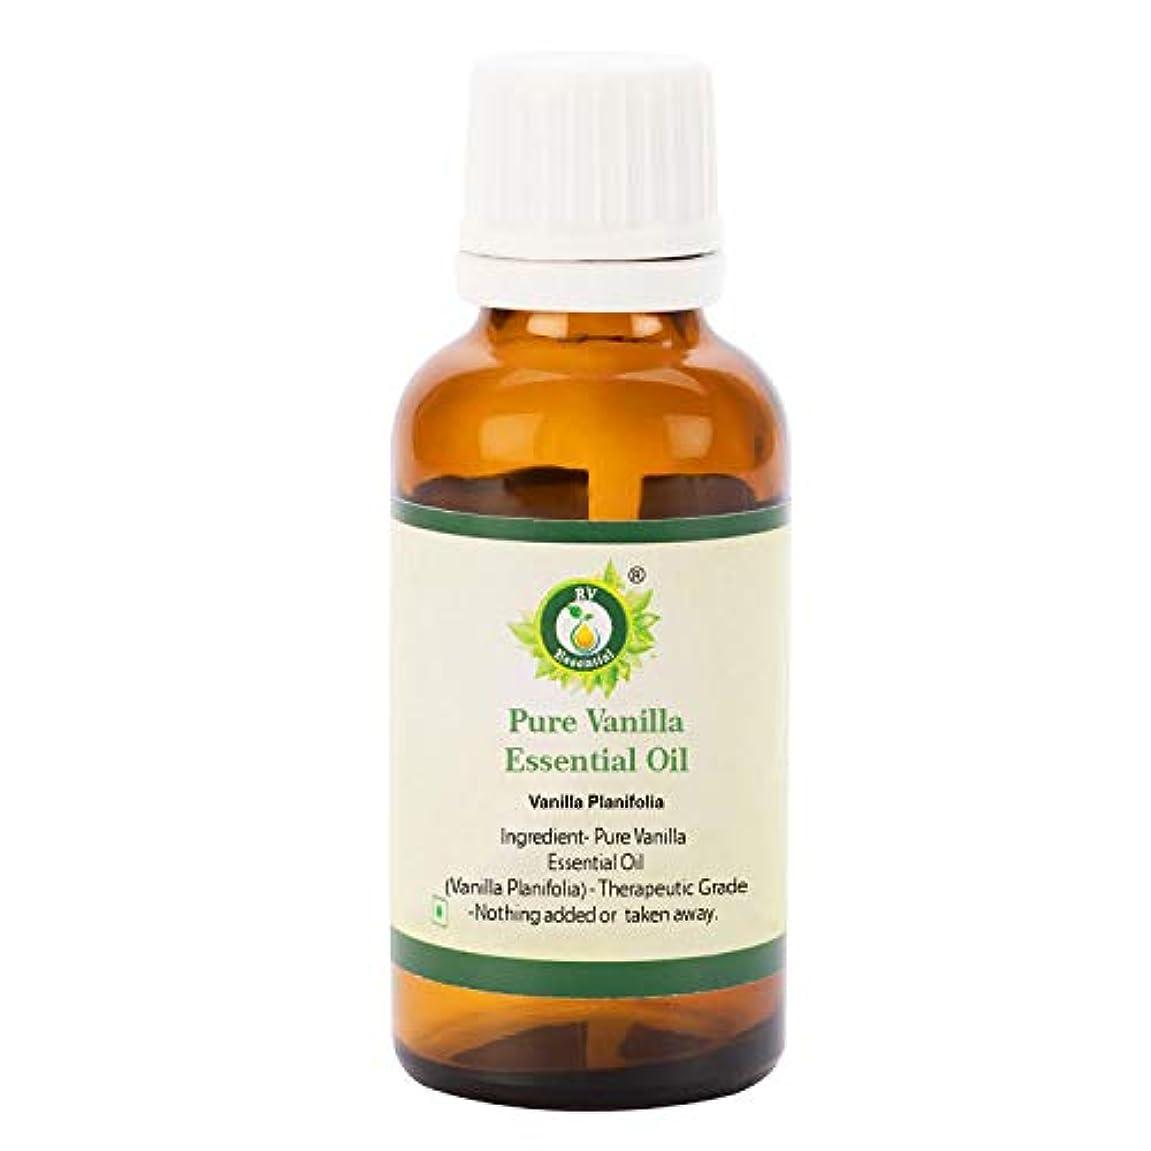 ばかそしてそれによってR V Essential ピュアバニラエッセンシャルオイル10ml (0.338oz)- Vanilla Planifolia (100%純粋&天然) Pure Vanilla Essential Oil